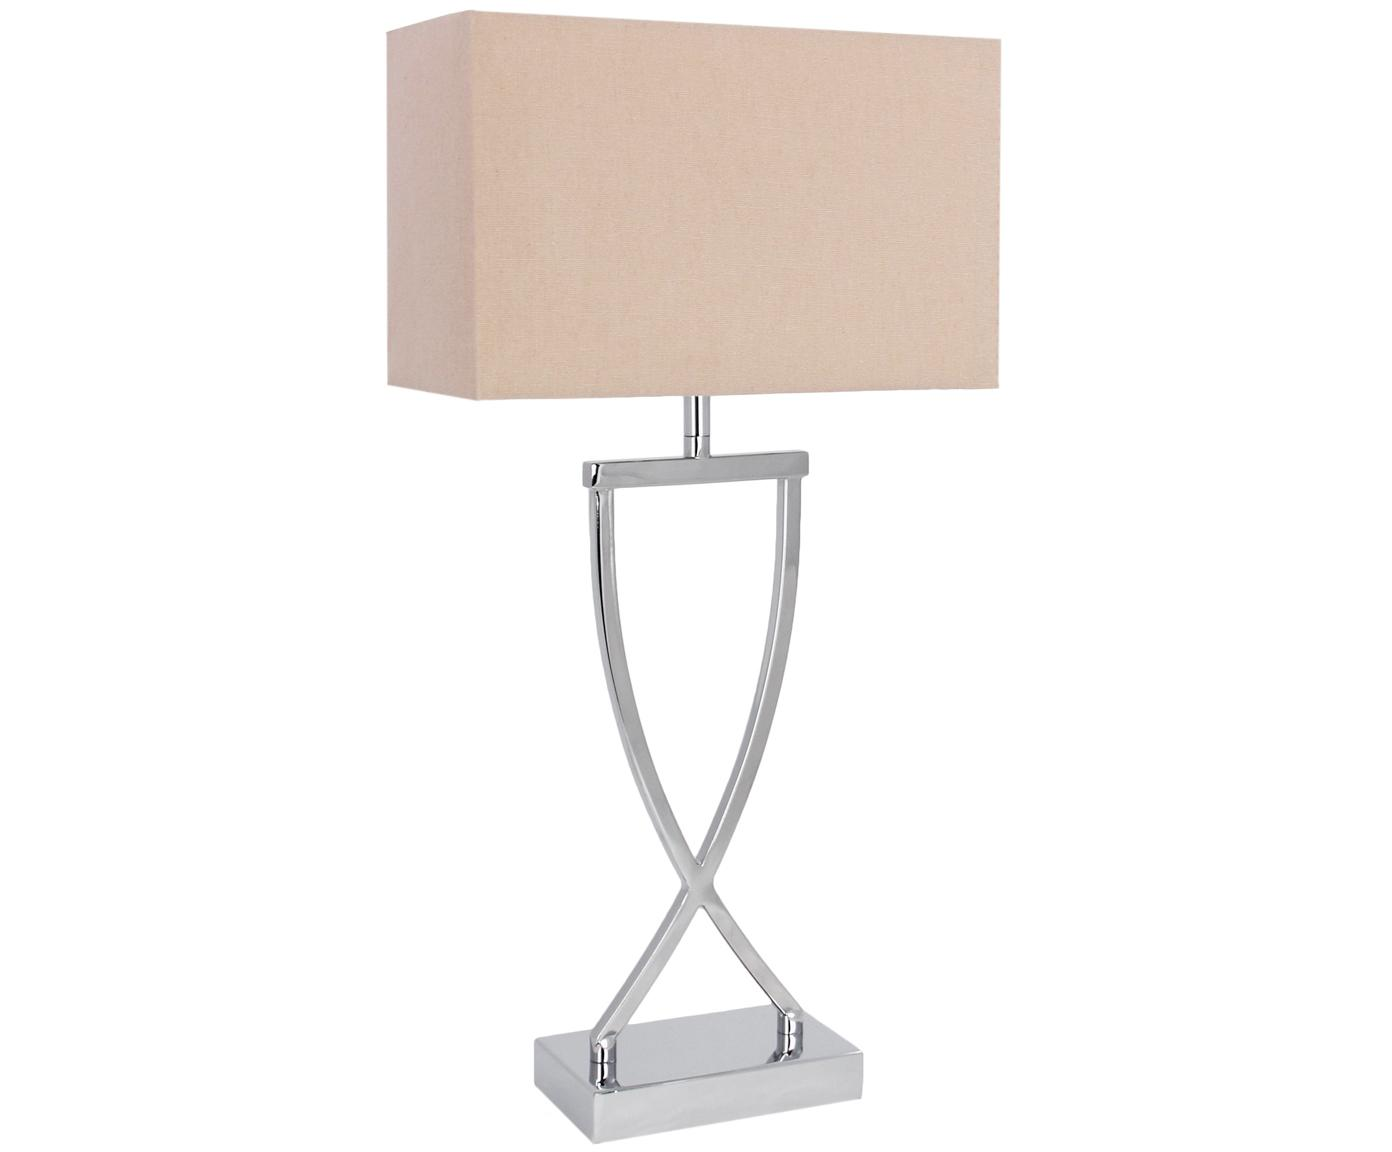 Lampada da tavolo Vanessa, Base della lampada: Metallo, Paralume: Tessuto, Base della lampada: argento, paralume: taupe, cavo: bianco, Larg. 27 x Alt. 52 cm